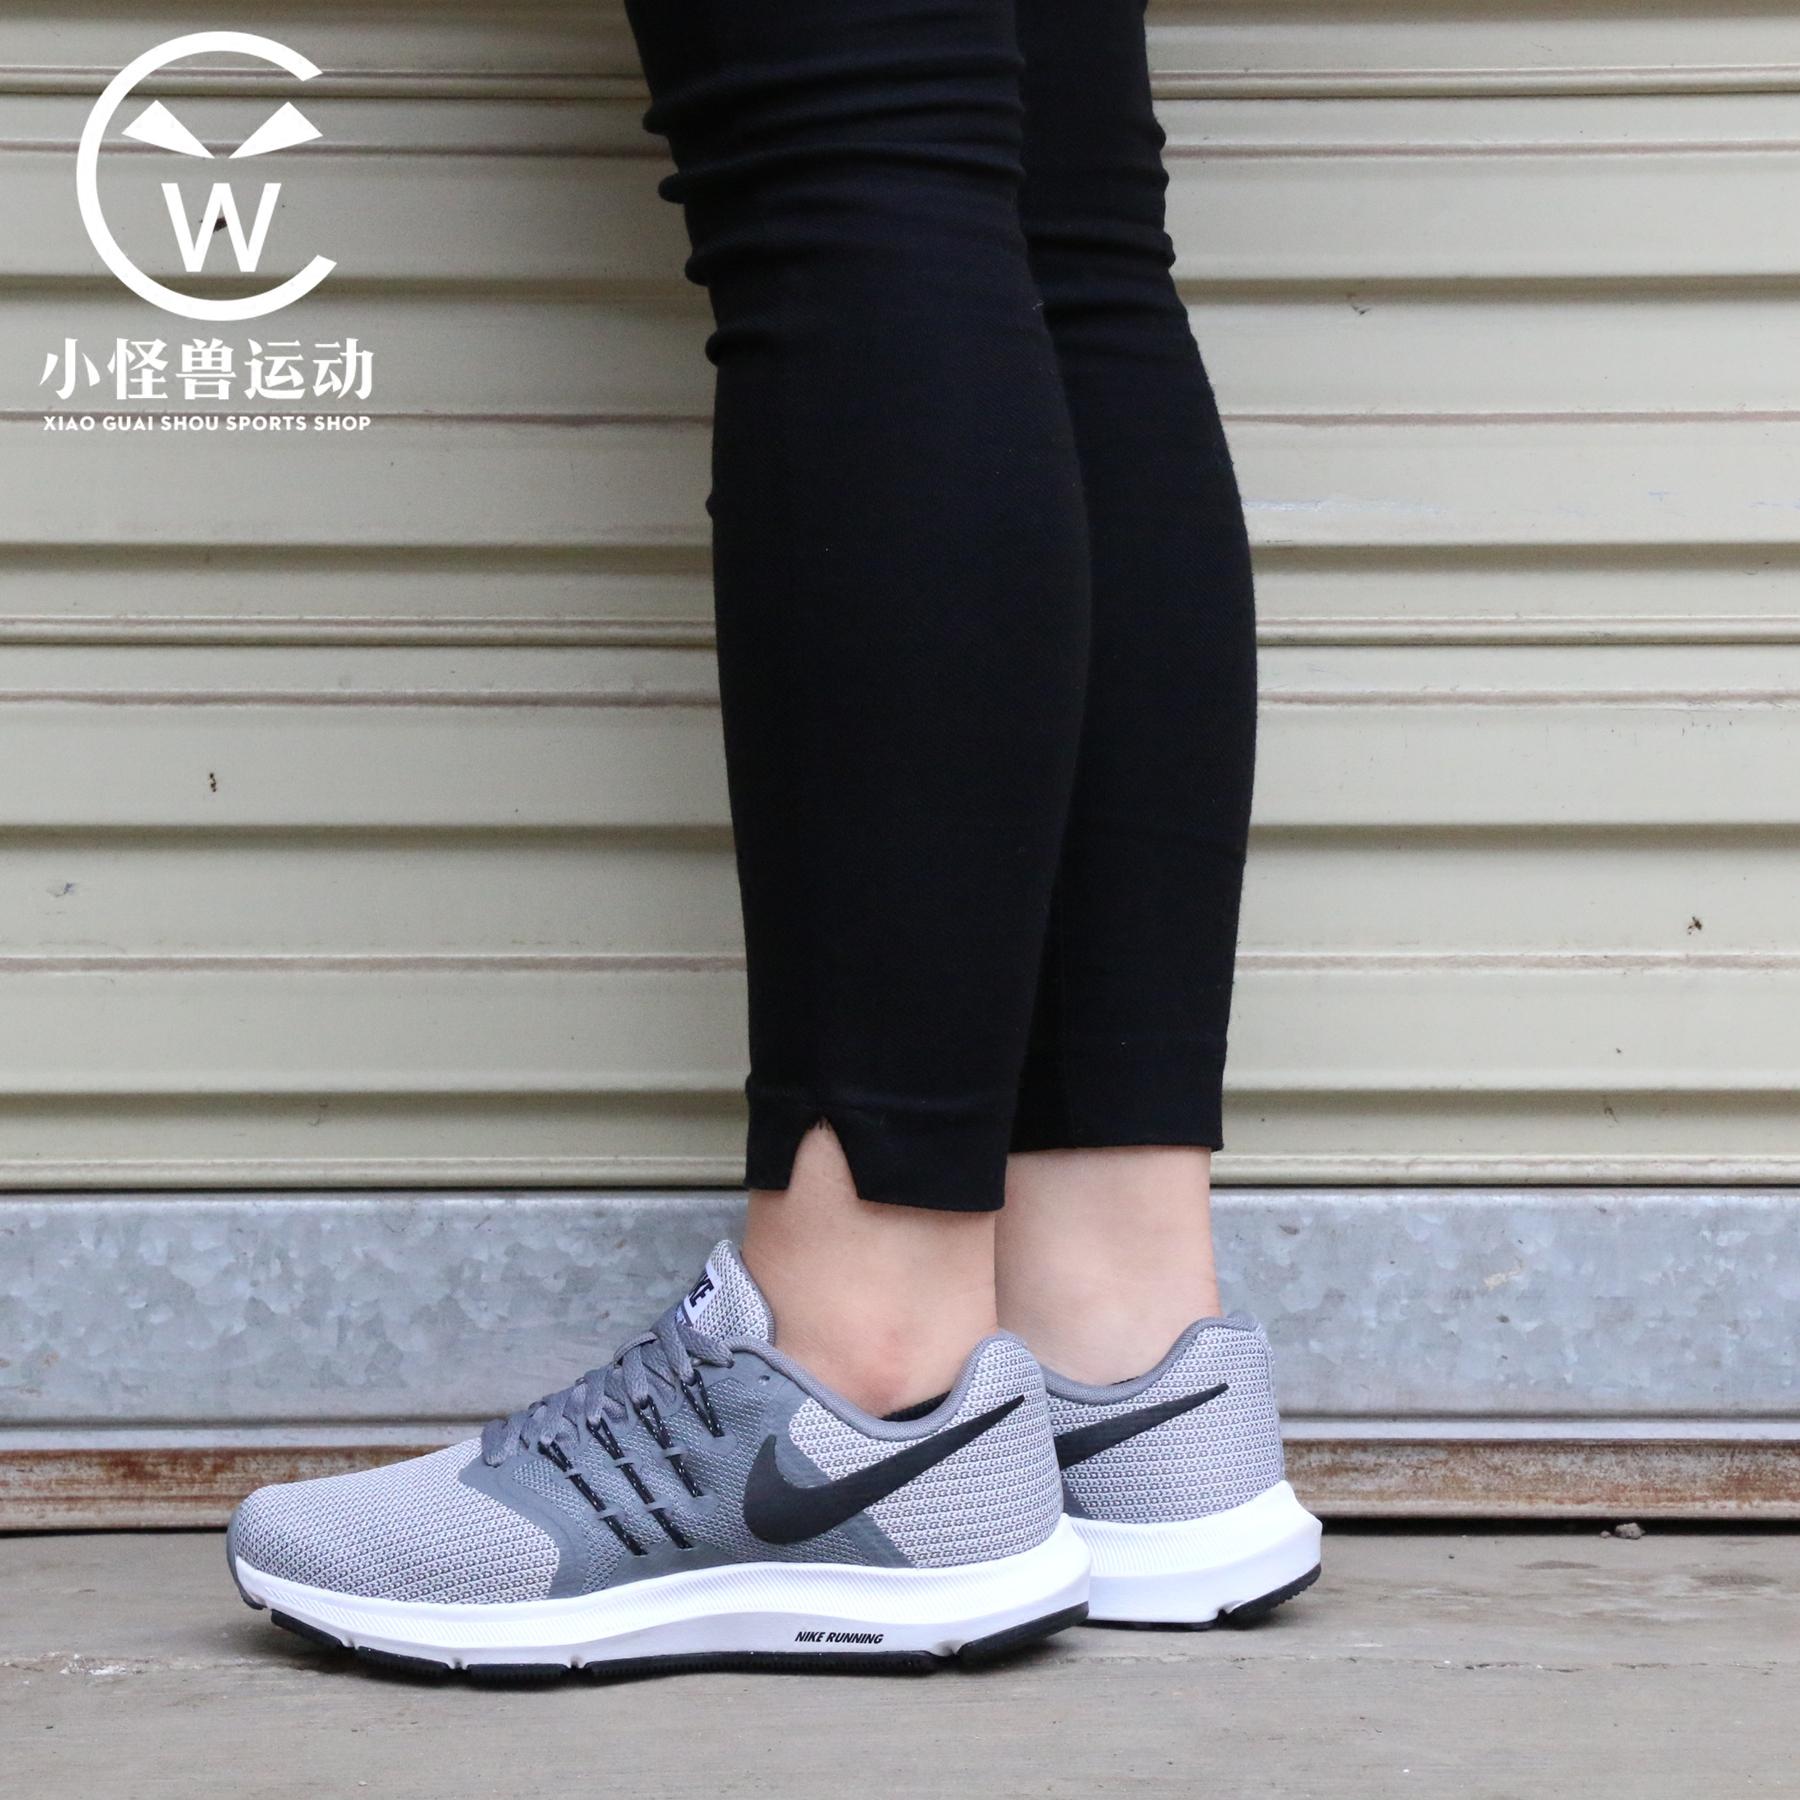 耐克女式运动鞋 Nike耐克 女子缓震轻便舒适飞线透气网面运动跑步鞋 909006-011_推荐淘宝好看的女耐克女运动鞋